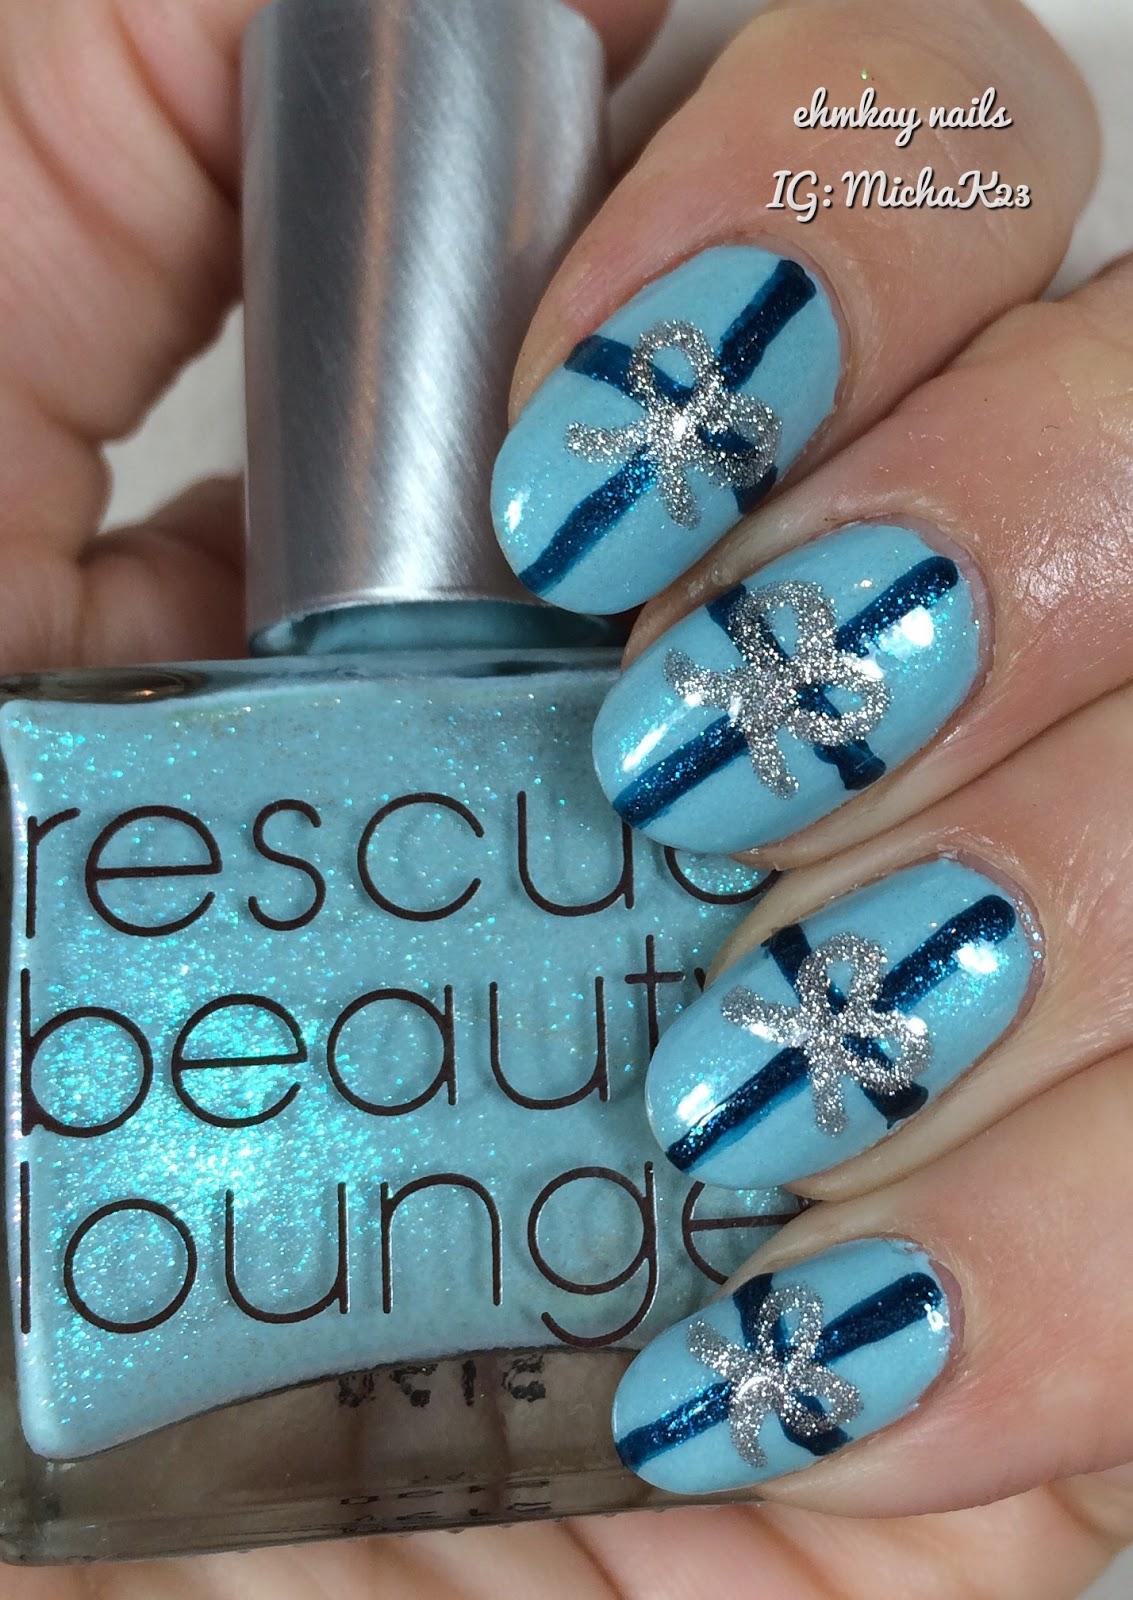 ehmkay nails: Chanukah Nail Art: Chanukah Presents!